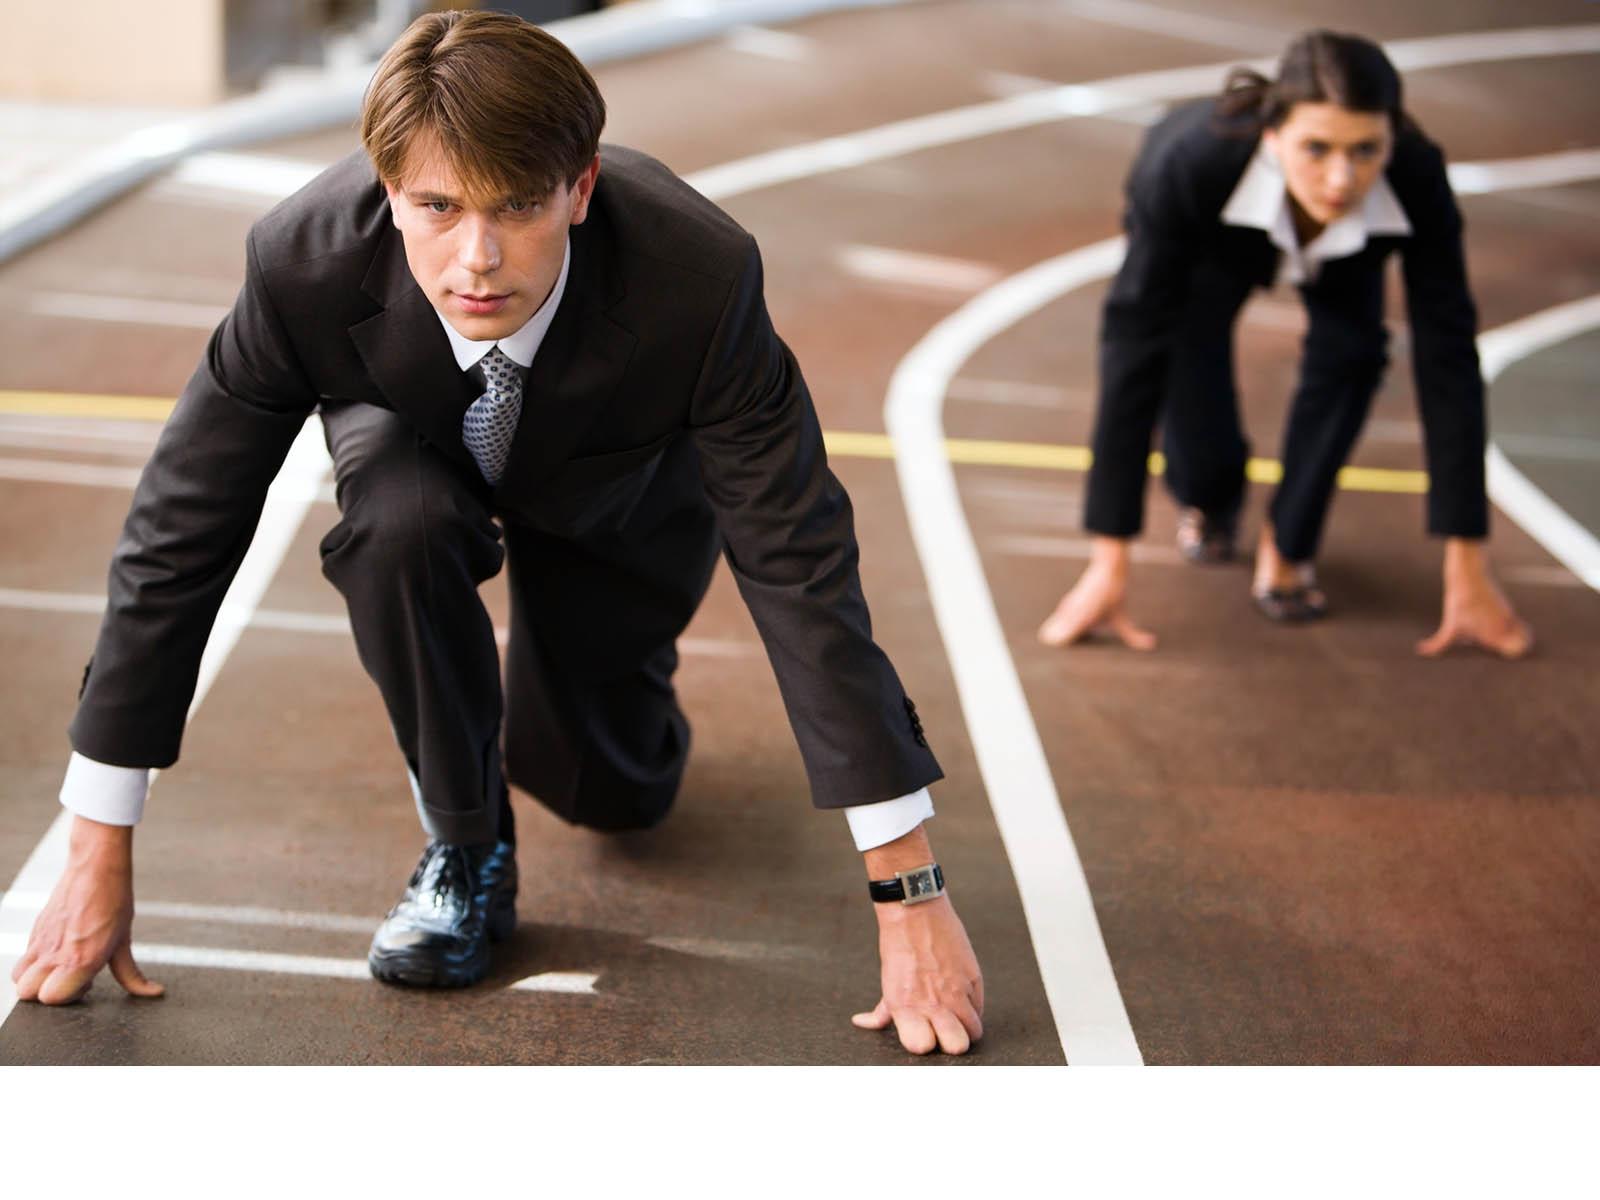 Cohésion d'équipe par le sport en entreprises